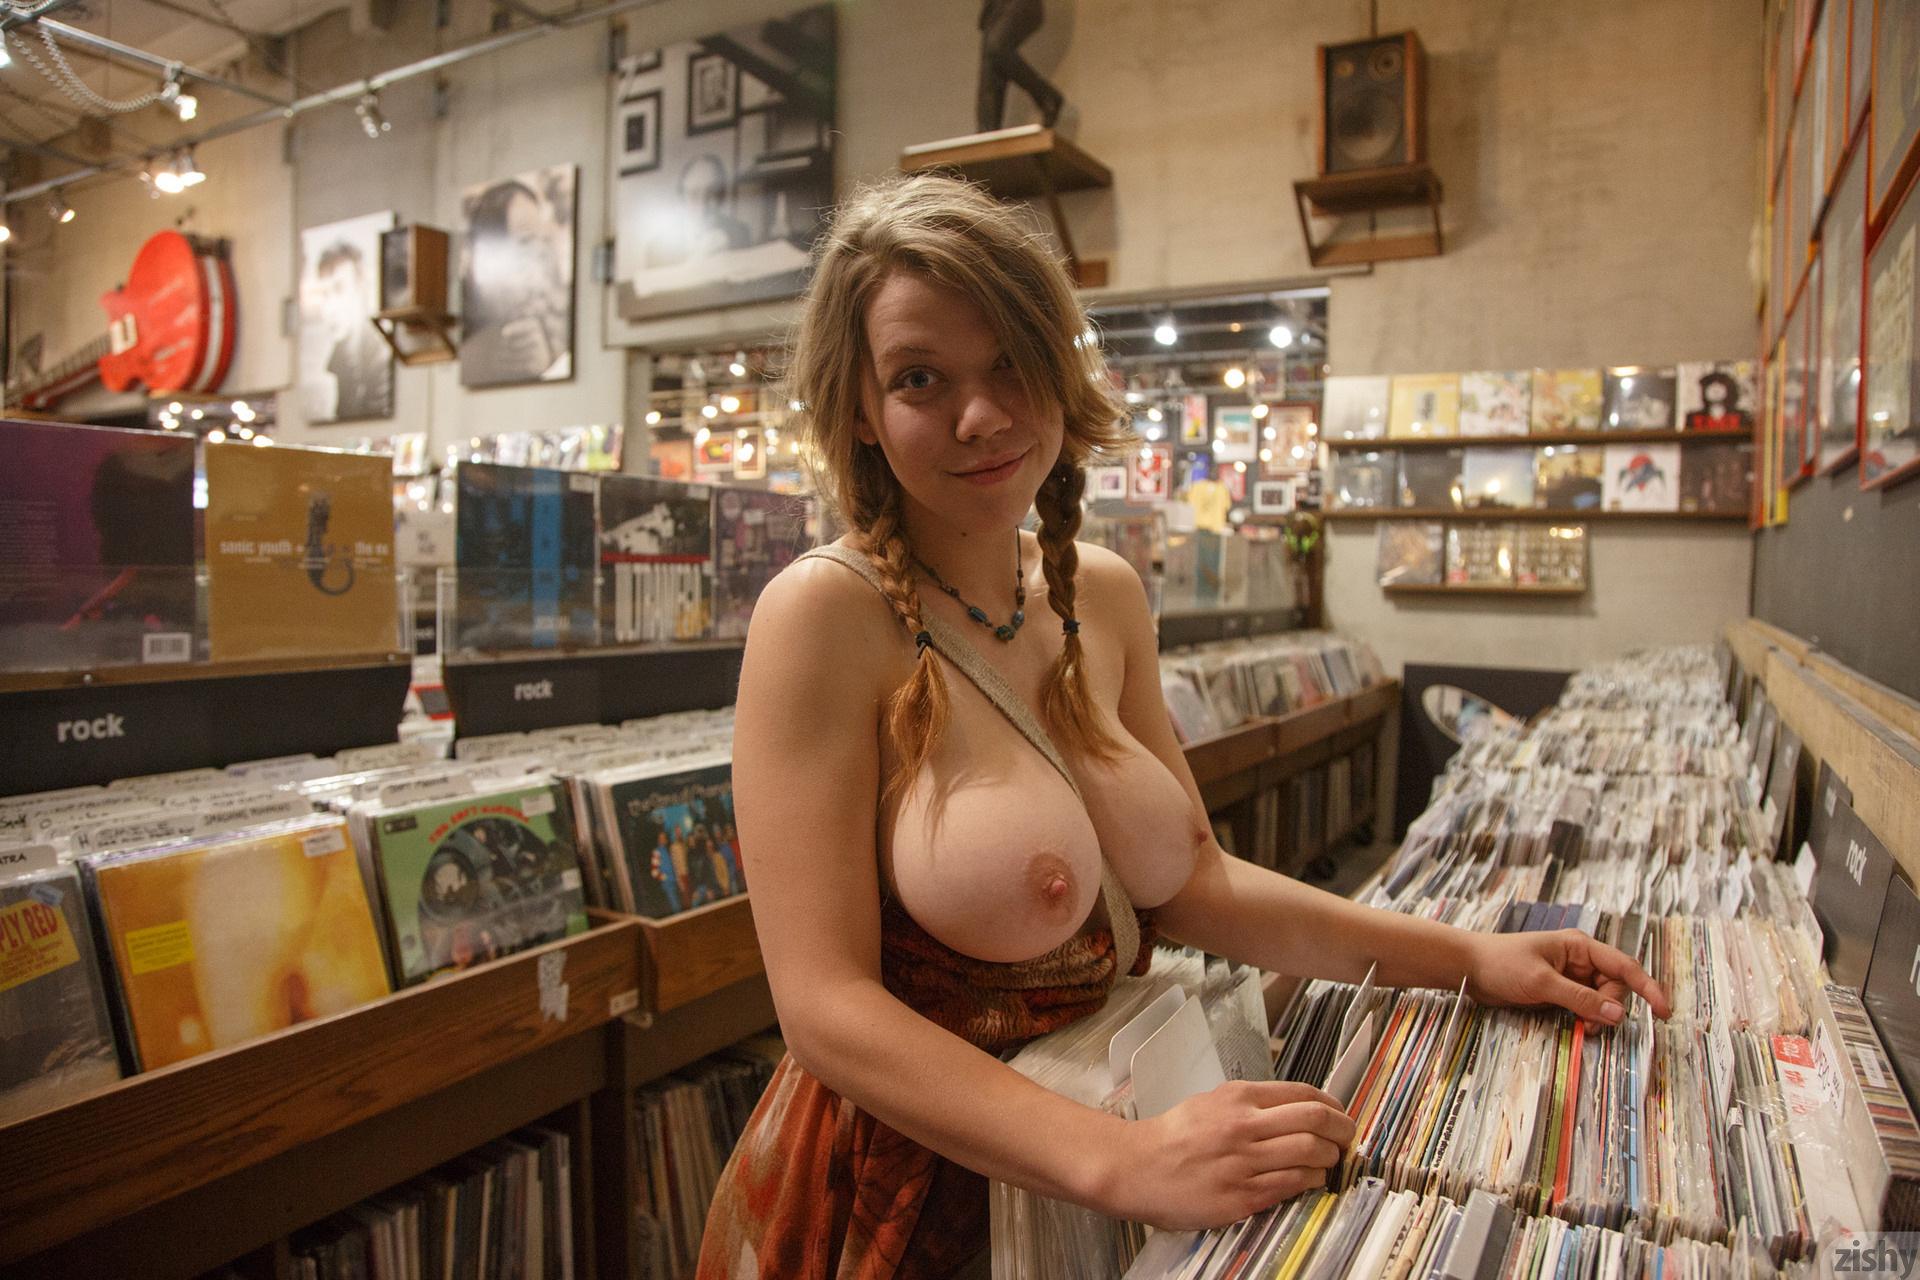 jennily-nude-market-suzane-tatanka